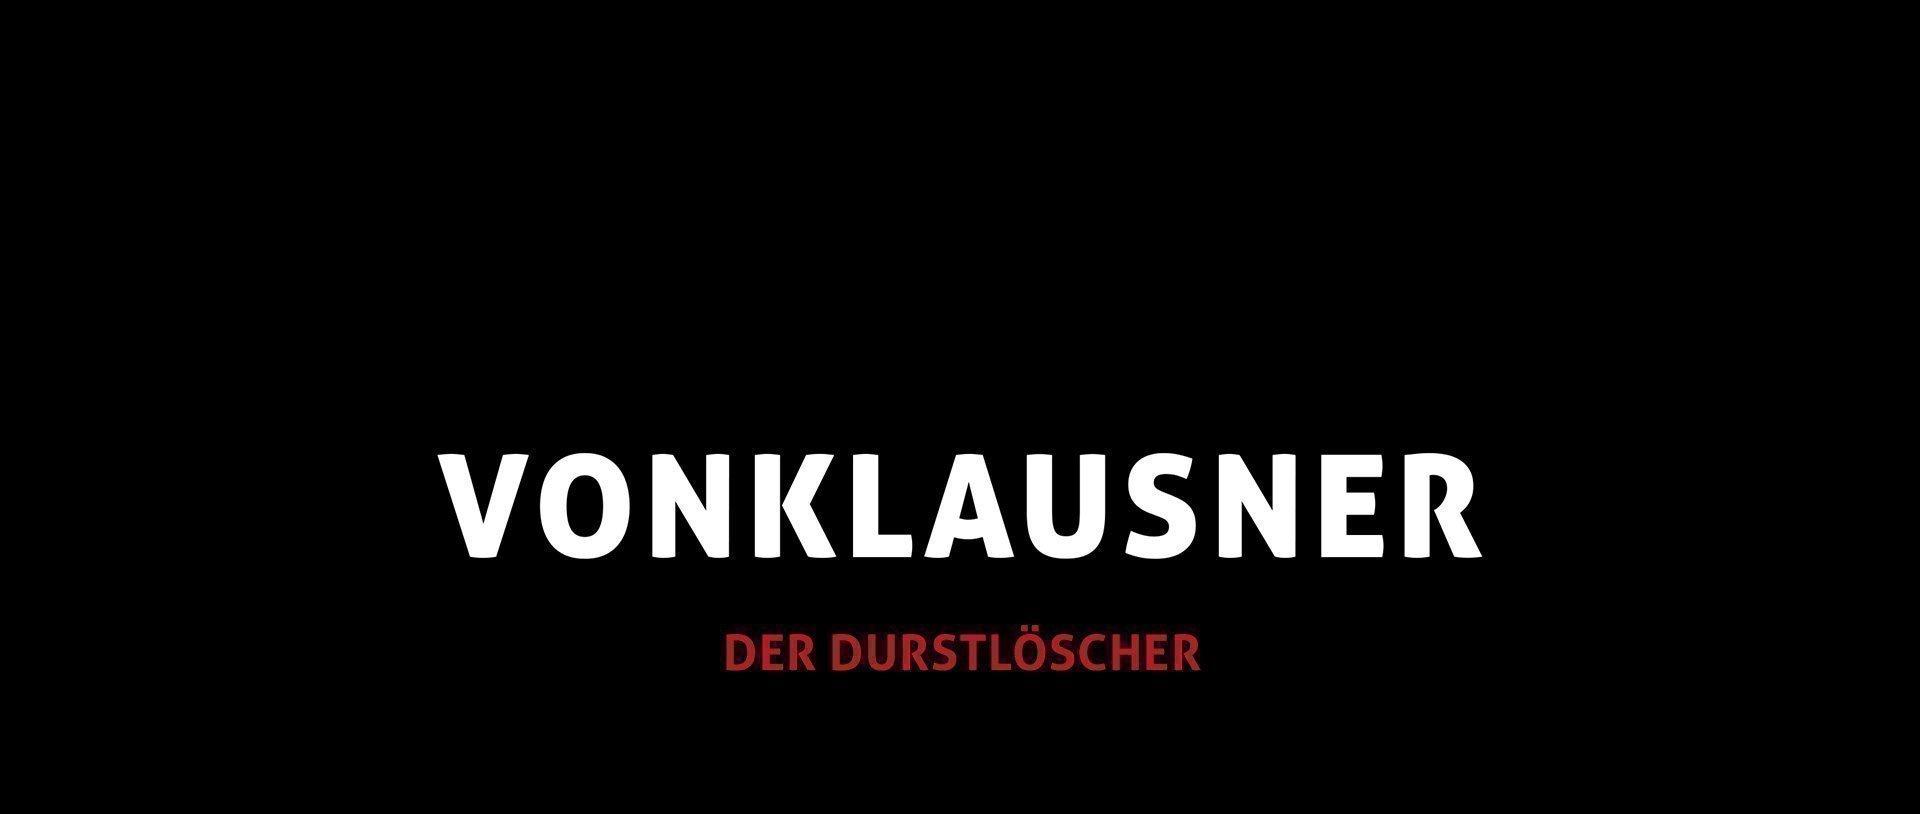 vonklausner-der-durstloescher2